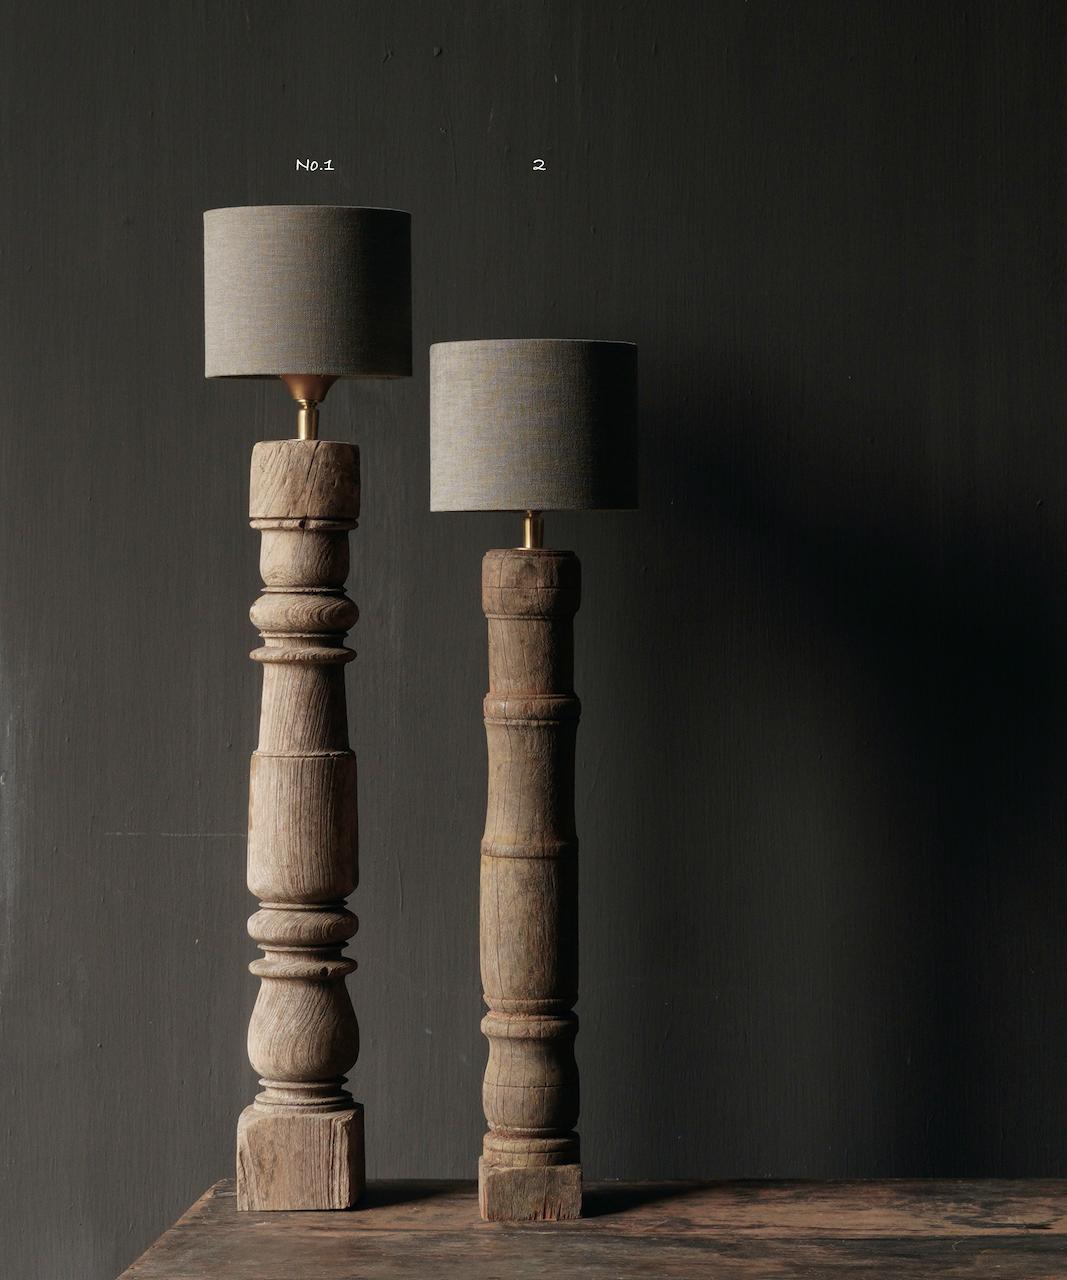 Prachtig Oude Houten Baluster lamp voet-2